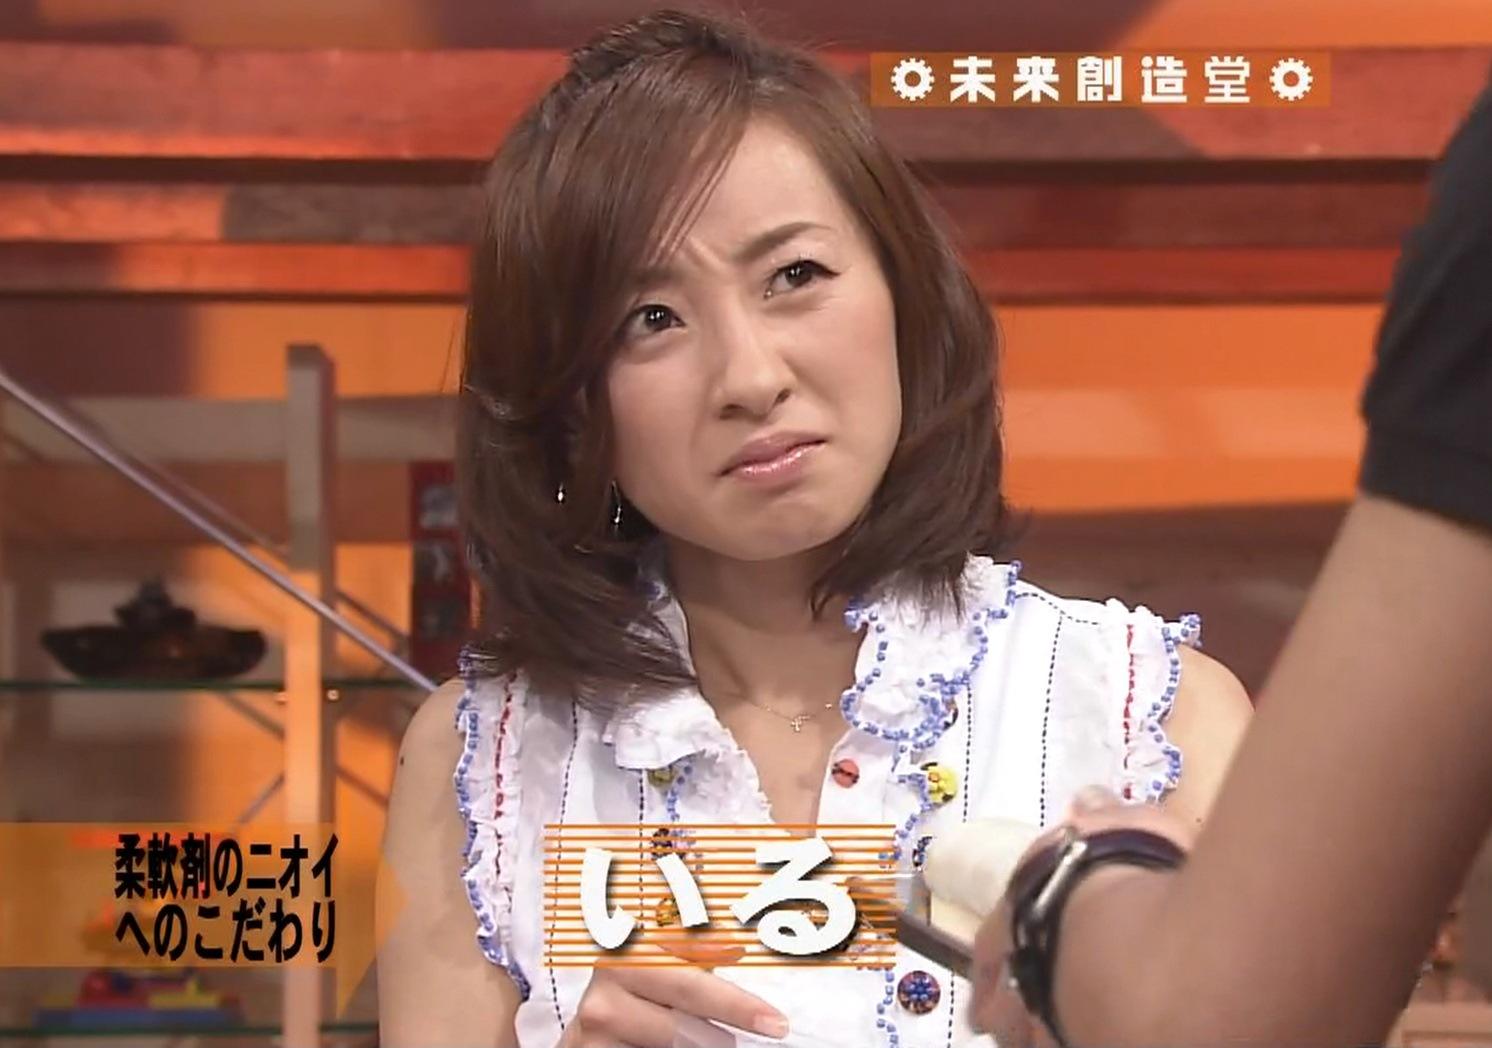 西尾由佳理 ニュースでは見せない表情キャプ画像(エロ・アイコラ画像)